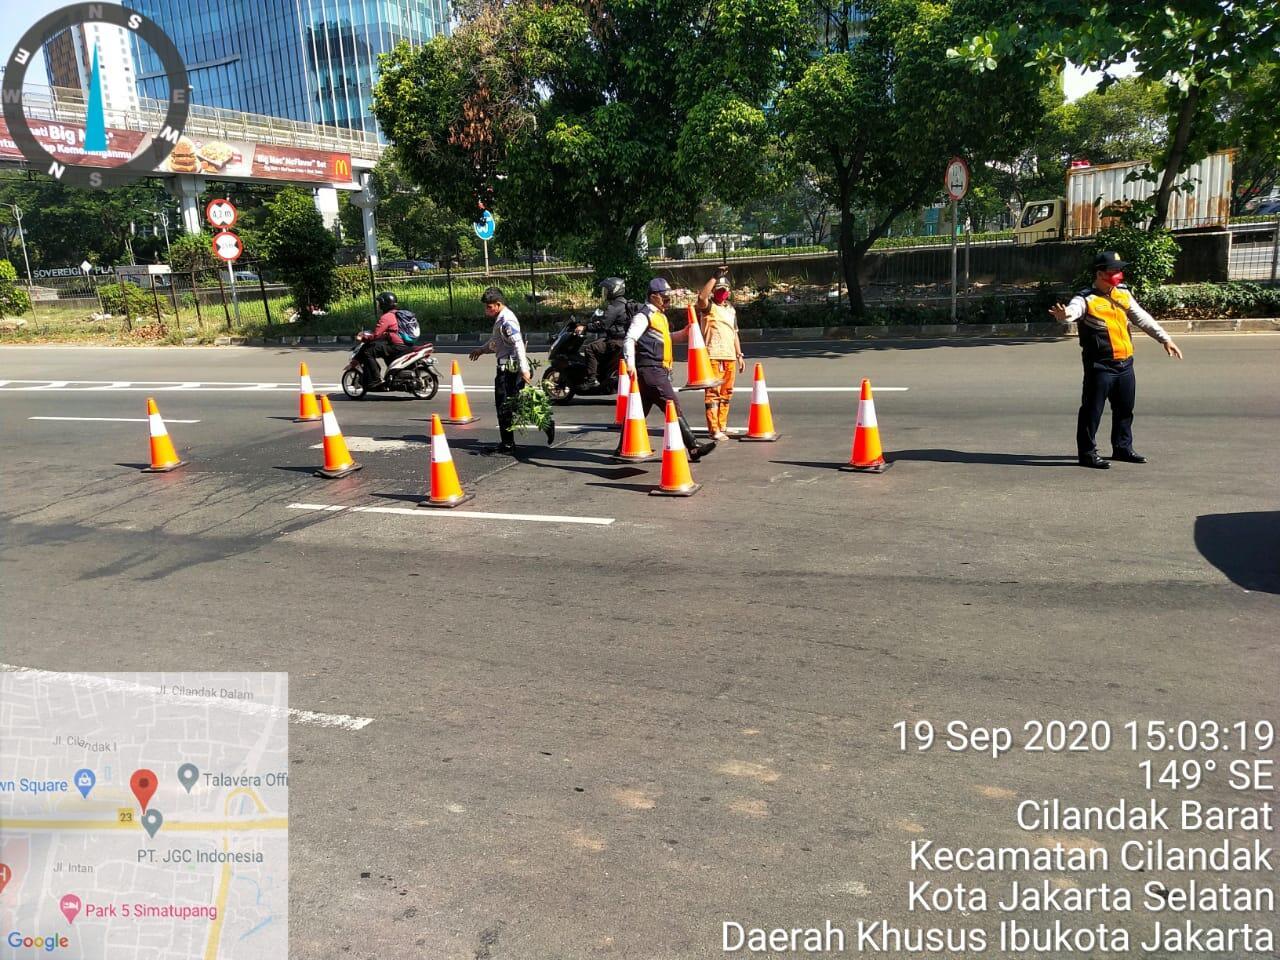 Sepeda Motor Nyungsep Di Cilandak, Jalan Gelombang Langsung Di Tata Ulang